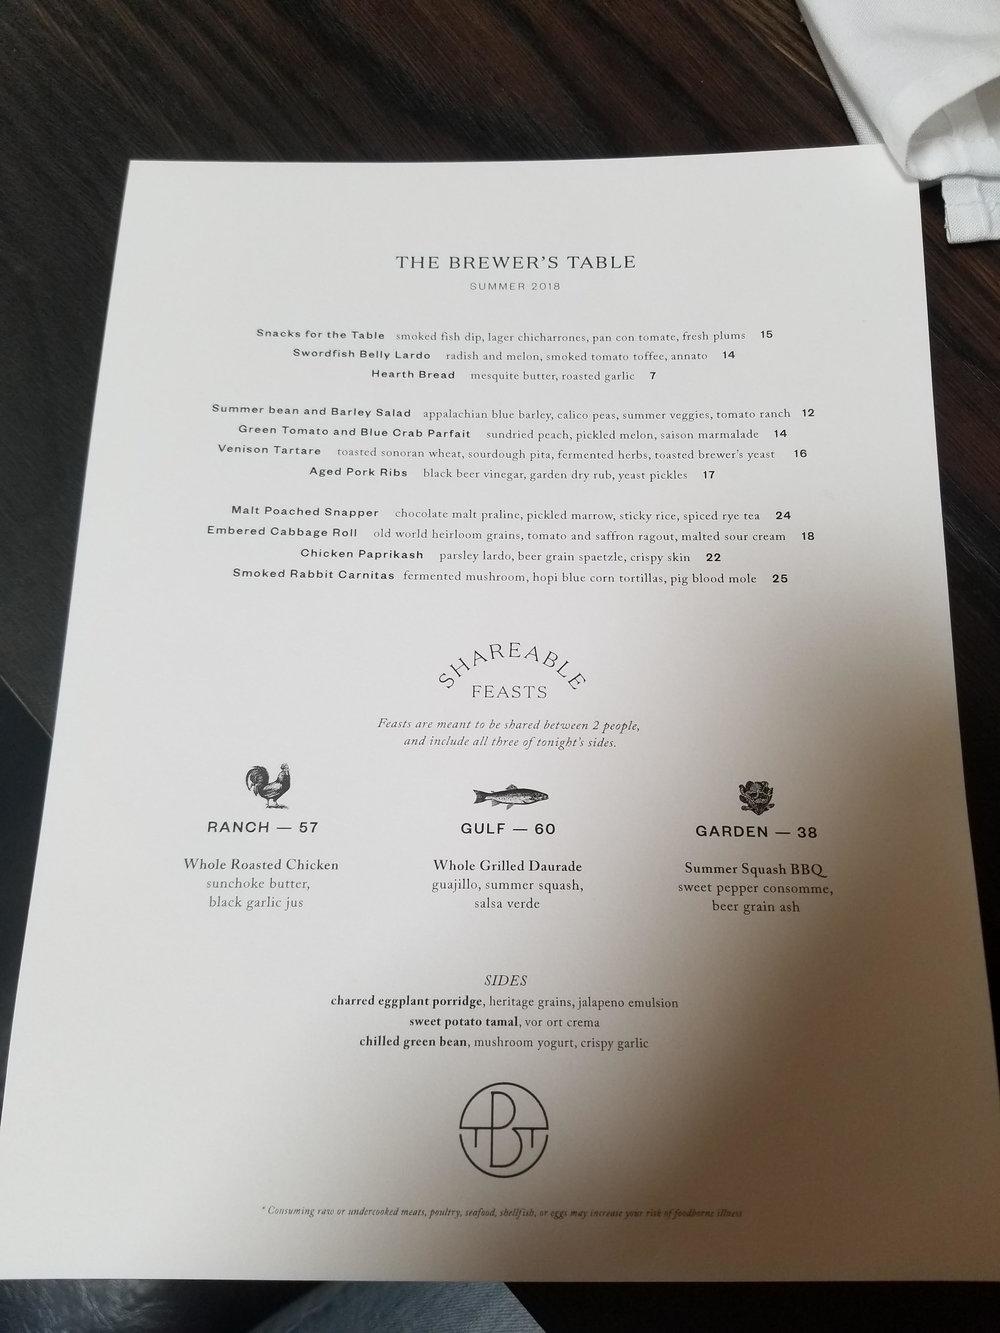 Menu at Brewer's Table